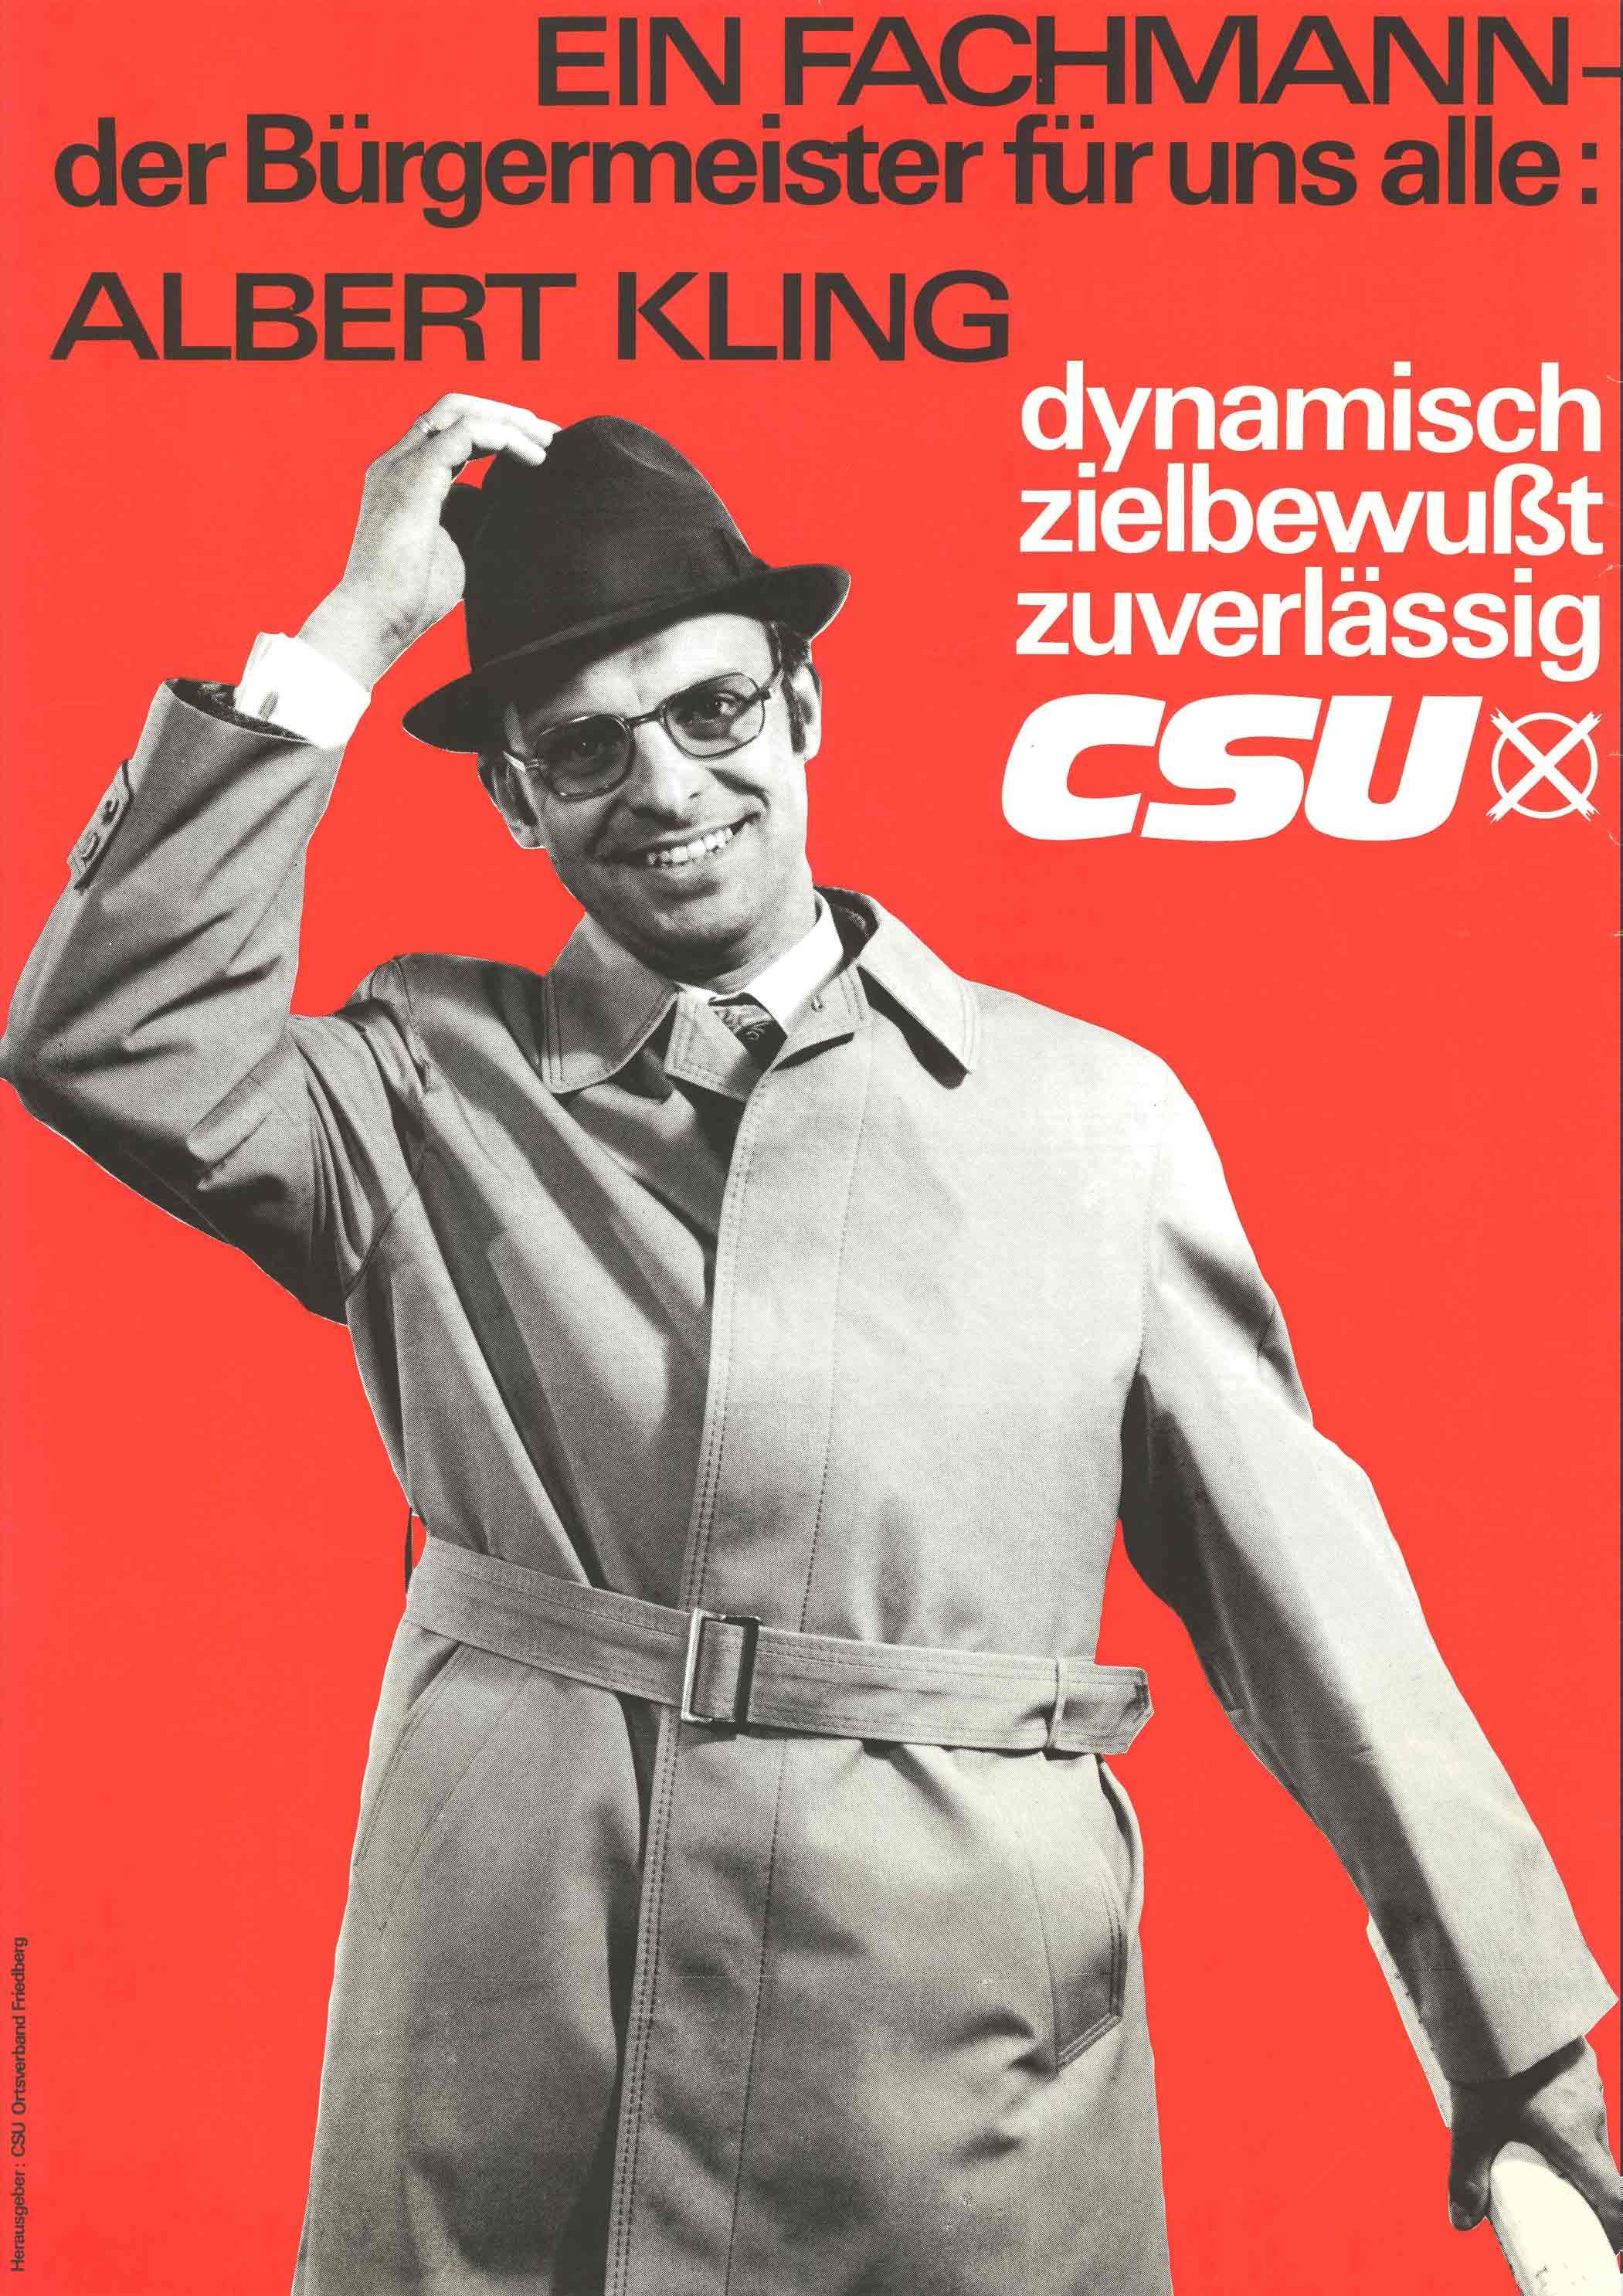 Plakat zur Kommunalwahl 1966